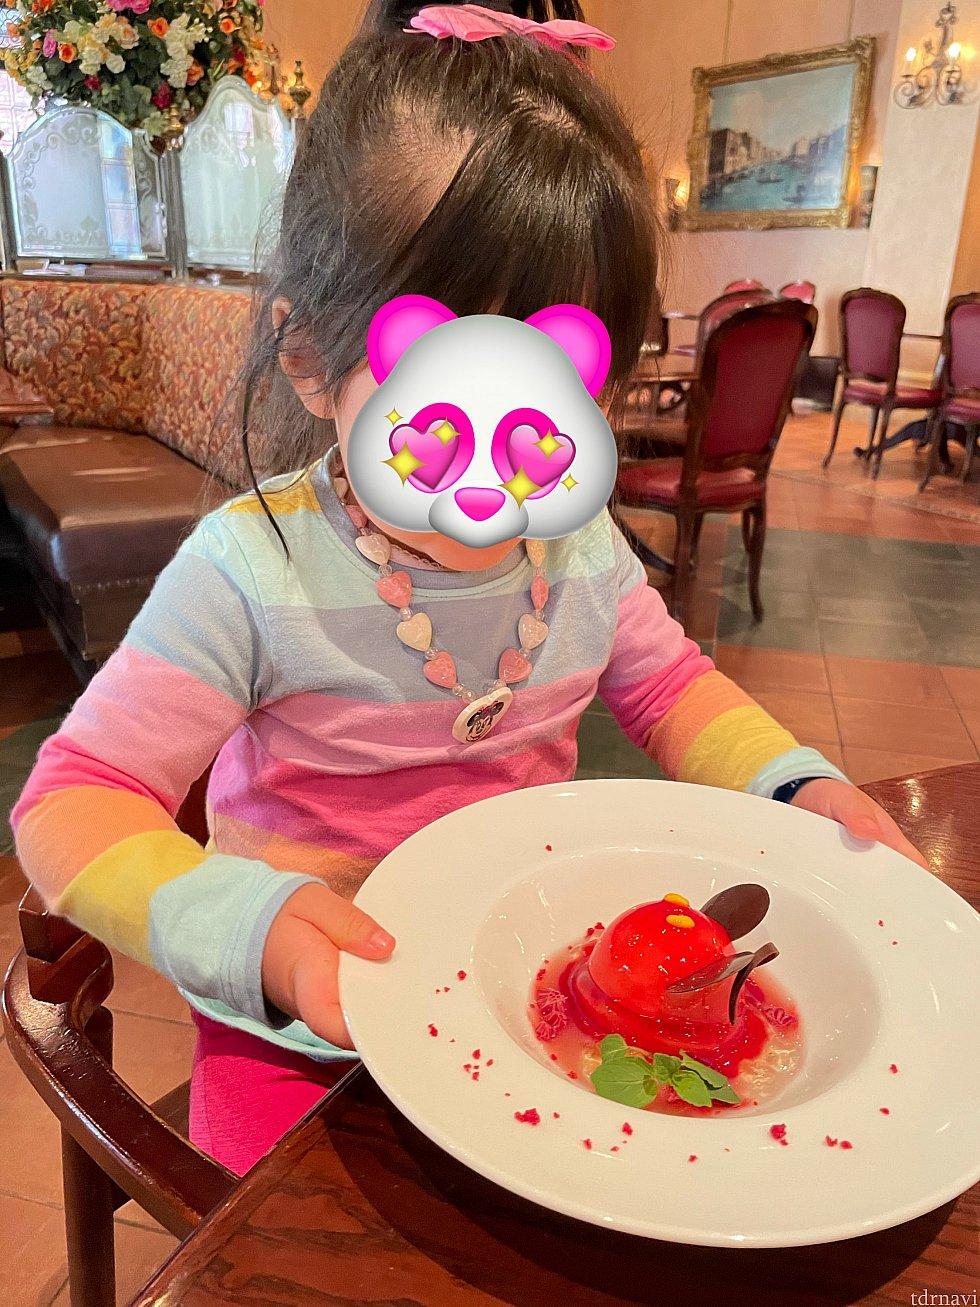 食いしん坊娘のとっても嬉しそうな姿が印象的<br> そんな娘の顔をみてまたひとつ幸せを感じました<br> またみんなで絶対来ようね✨